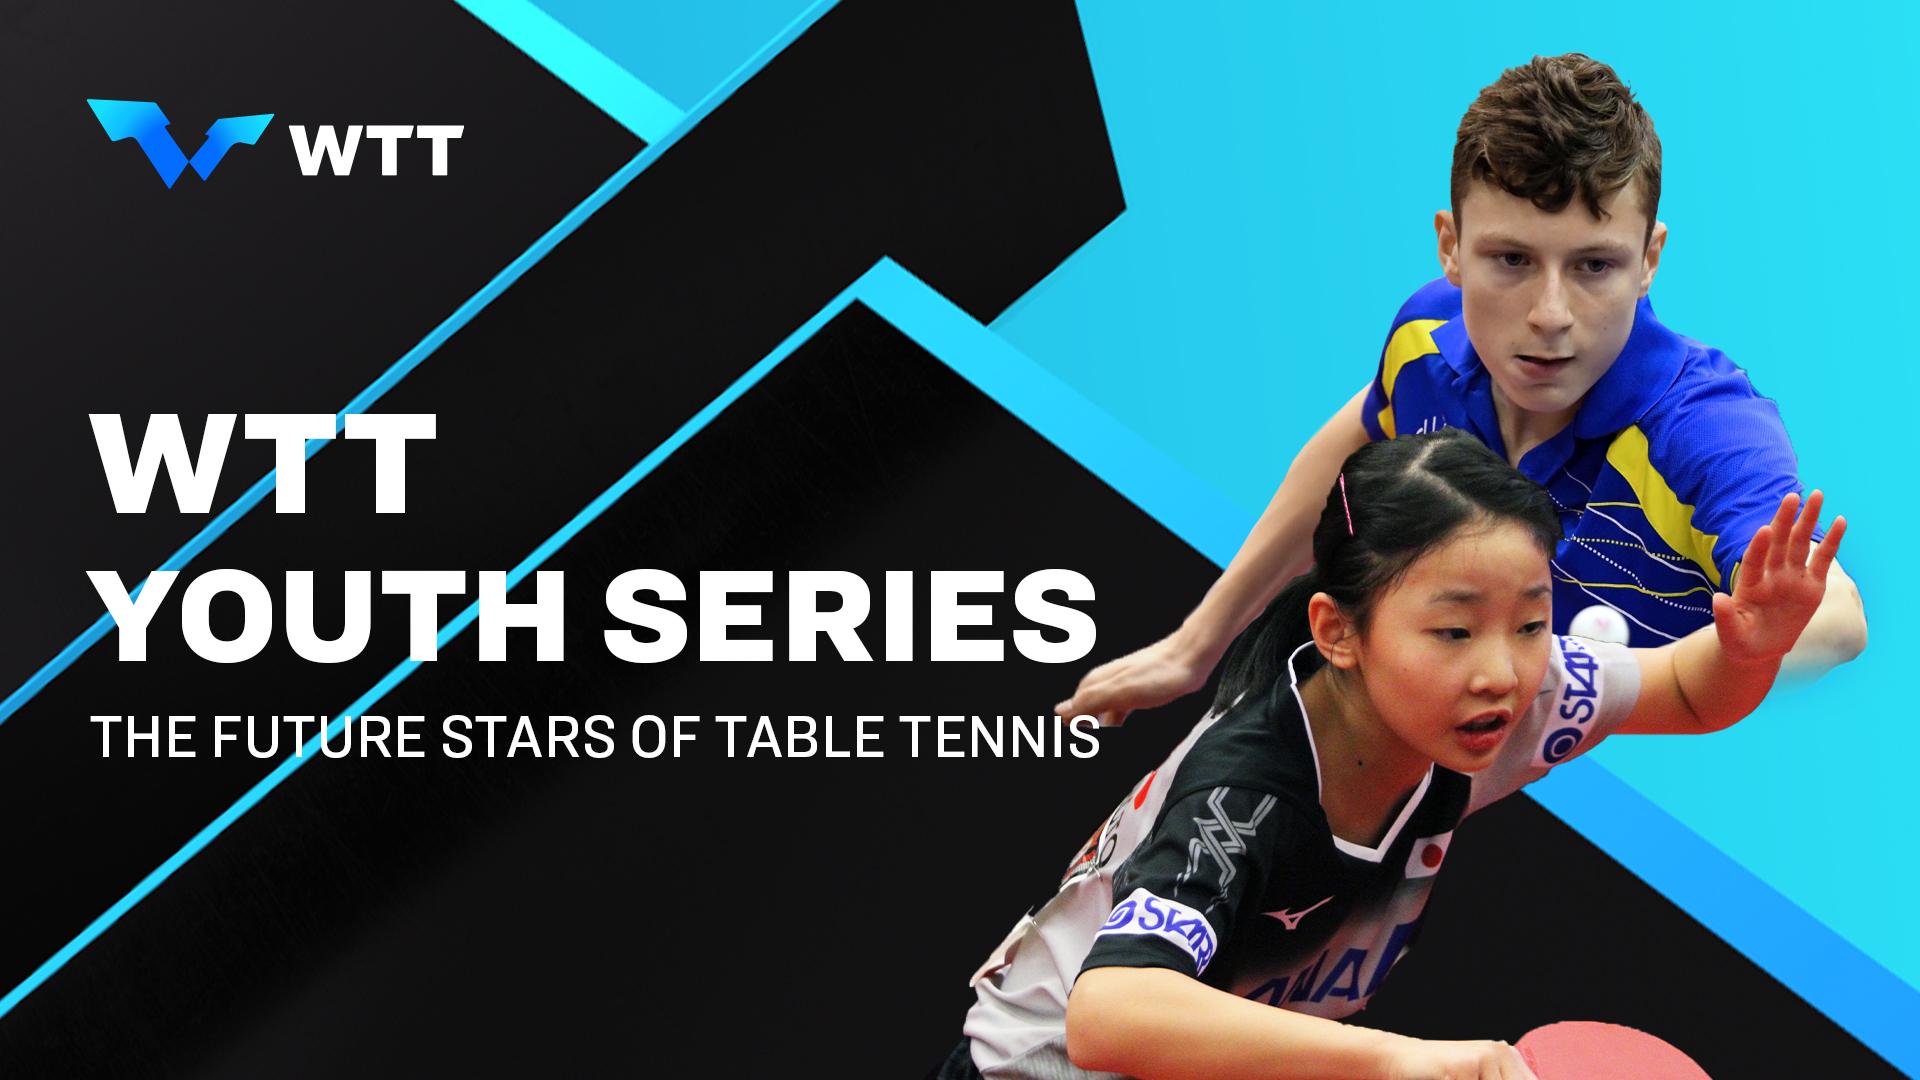 Se anuncian los eventos inaugurales de la Serie Mundial Juvenil de Tenis de Mesa (WTTY) para 2021